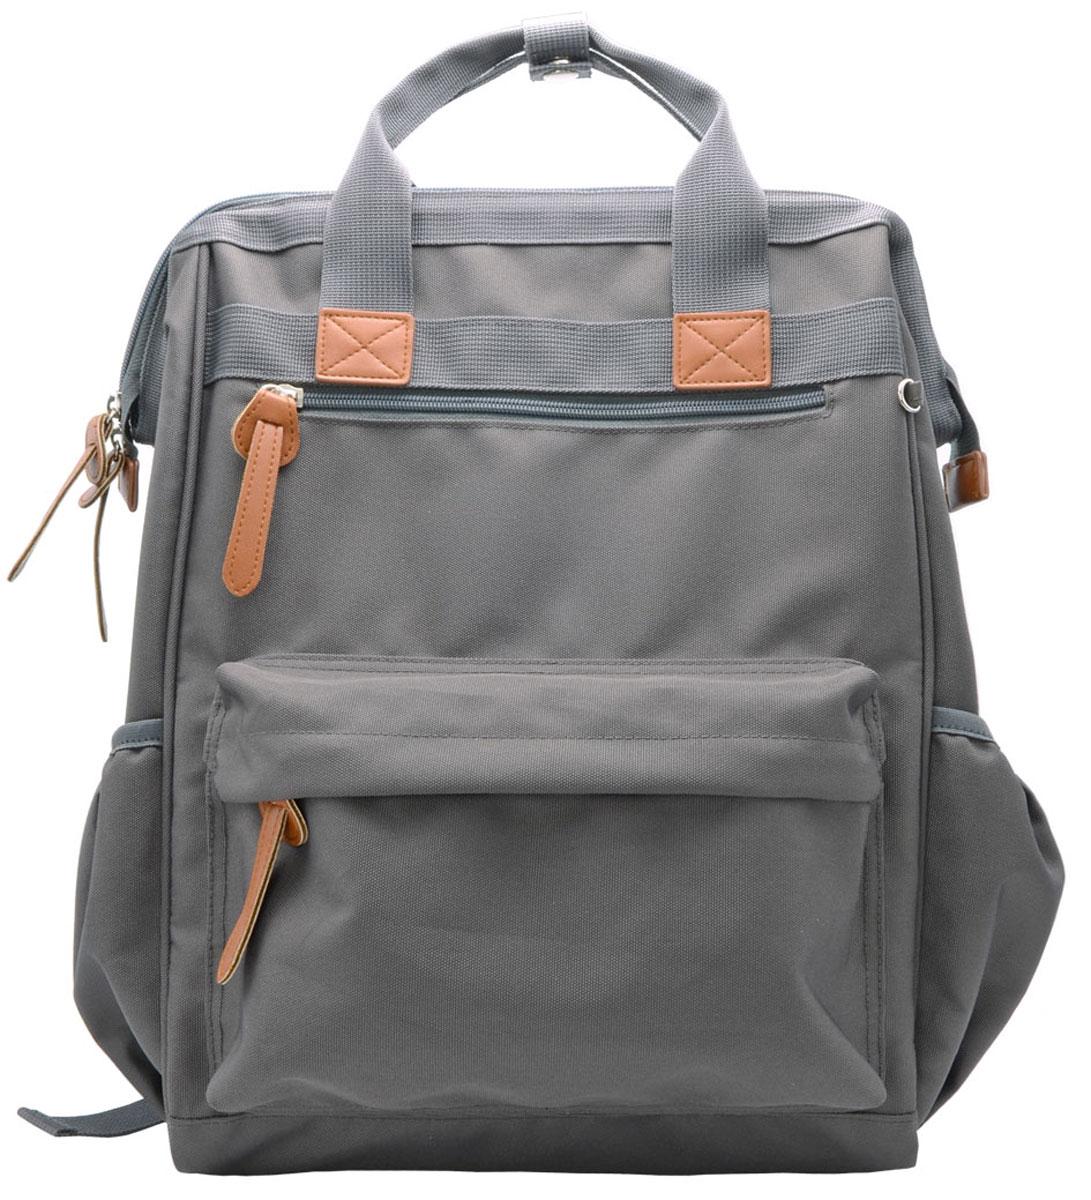 Action! Рюкзак цвет серый AB11111AB11111Стильный рюкзак-сумка Action! для деловых людей выполнен из плотного полиэстера с водоотталкивающим эффектом, с декоративными элементами из искусственной кожи. Две верхние ручки позволяют носить рюкзак как деловую сумку. Удобная жесткая рельефная вентилируемая спинка повторяет продольную анатомию спины. На спинке имеется небольшой потайной карманчик на молнии.Основное отделение закрывается на молнию. Внутри имеется карман на молнии, органайзер для письменных принадлежностей и органайзер на резинке для книг, тетрадей, ноутбука размером до 16. На лицевой стороне находятся два кармана на молнии, по бокам - карманы без молнии. Задние уплотненные вентилируемые лямки регулируются снизу.